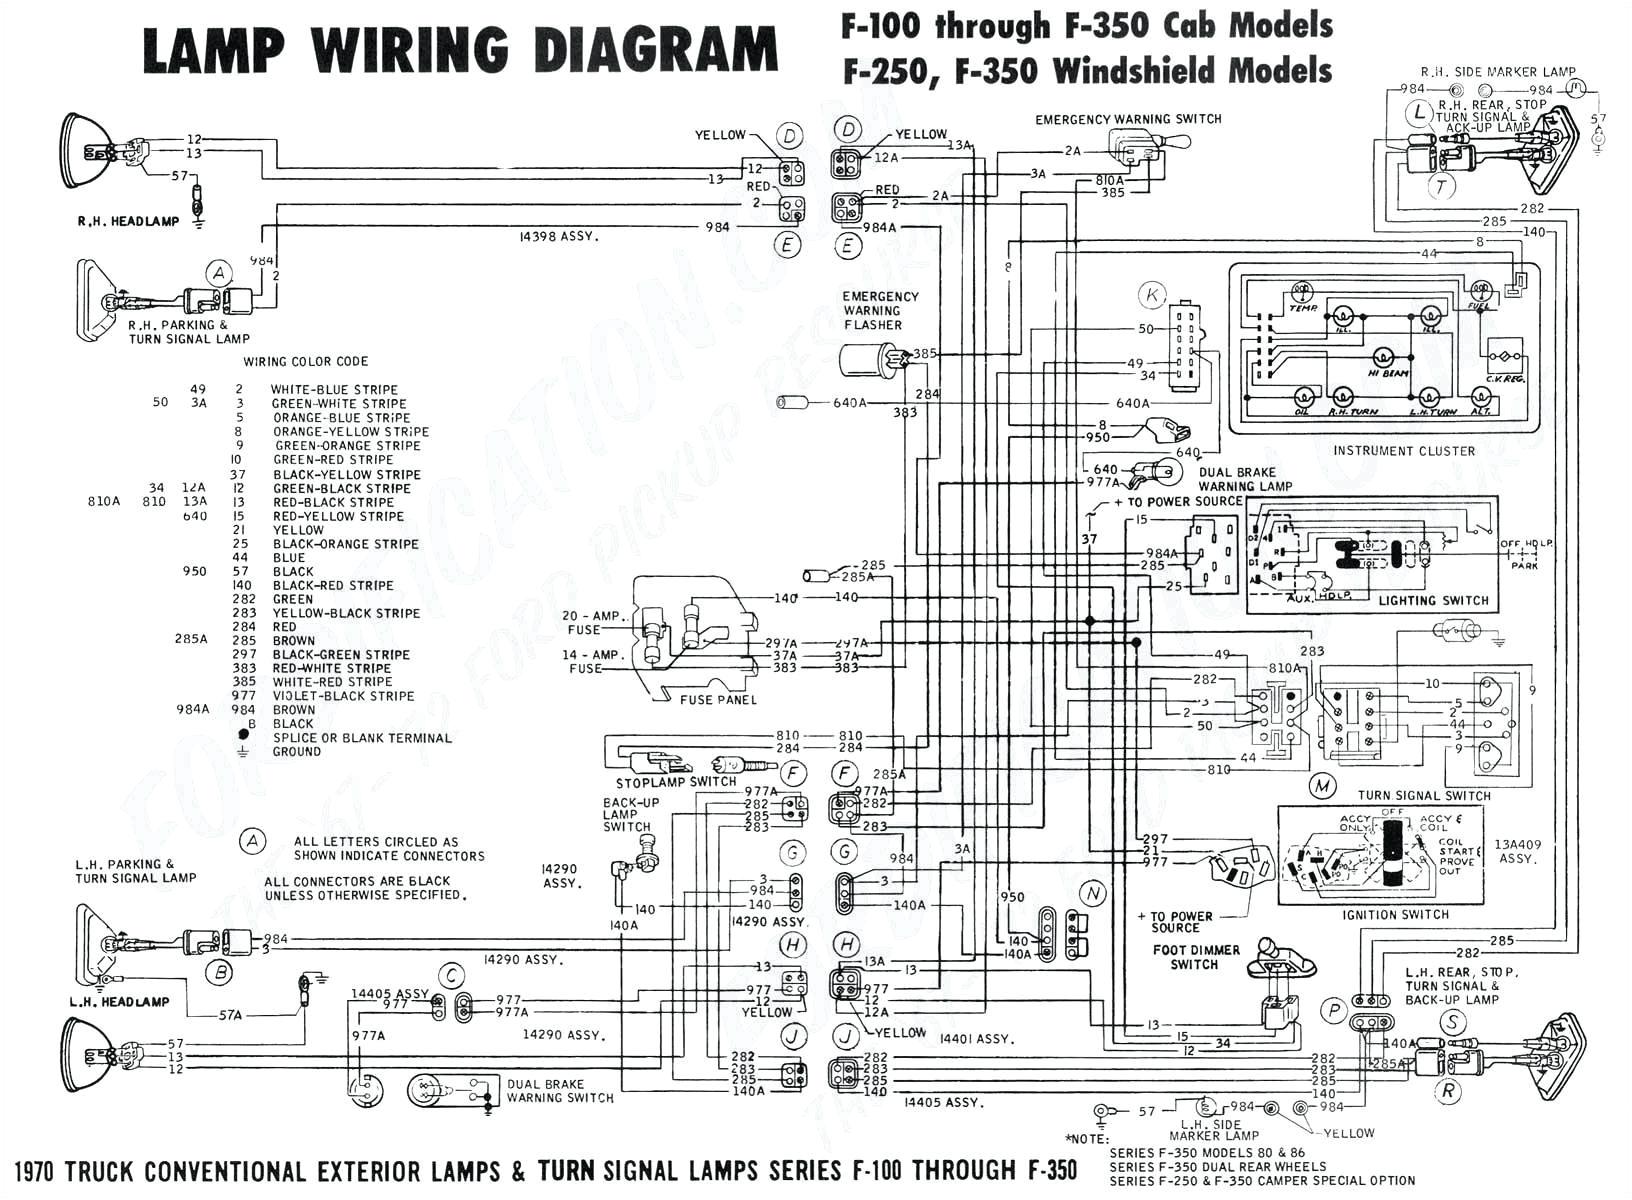 Bose Amp Wiring Diagram Audi Q7 Wiring Wiring Diagram Sheet